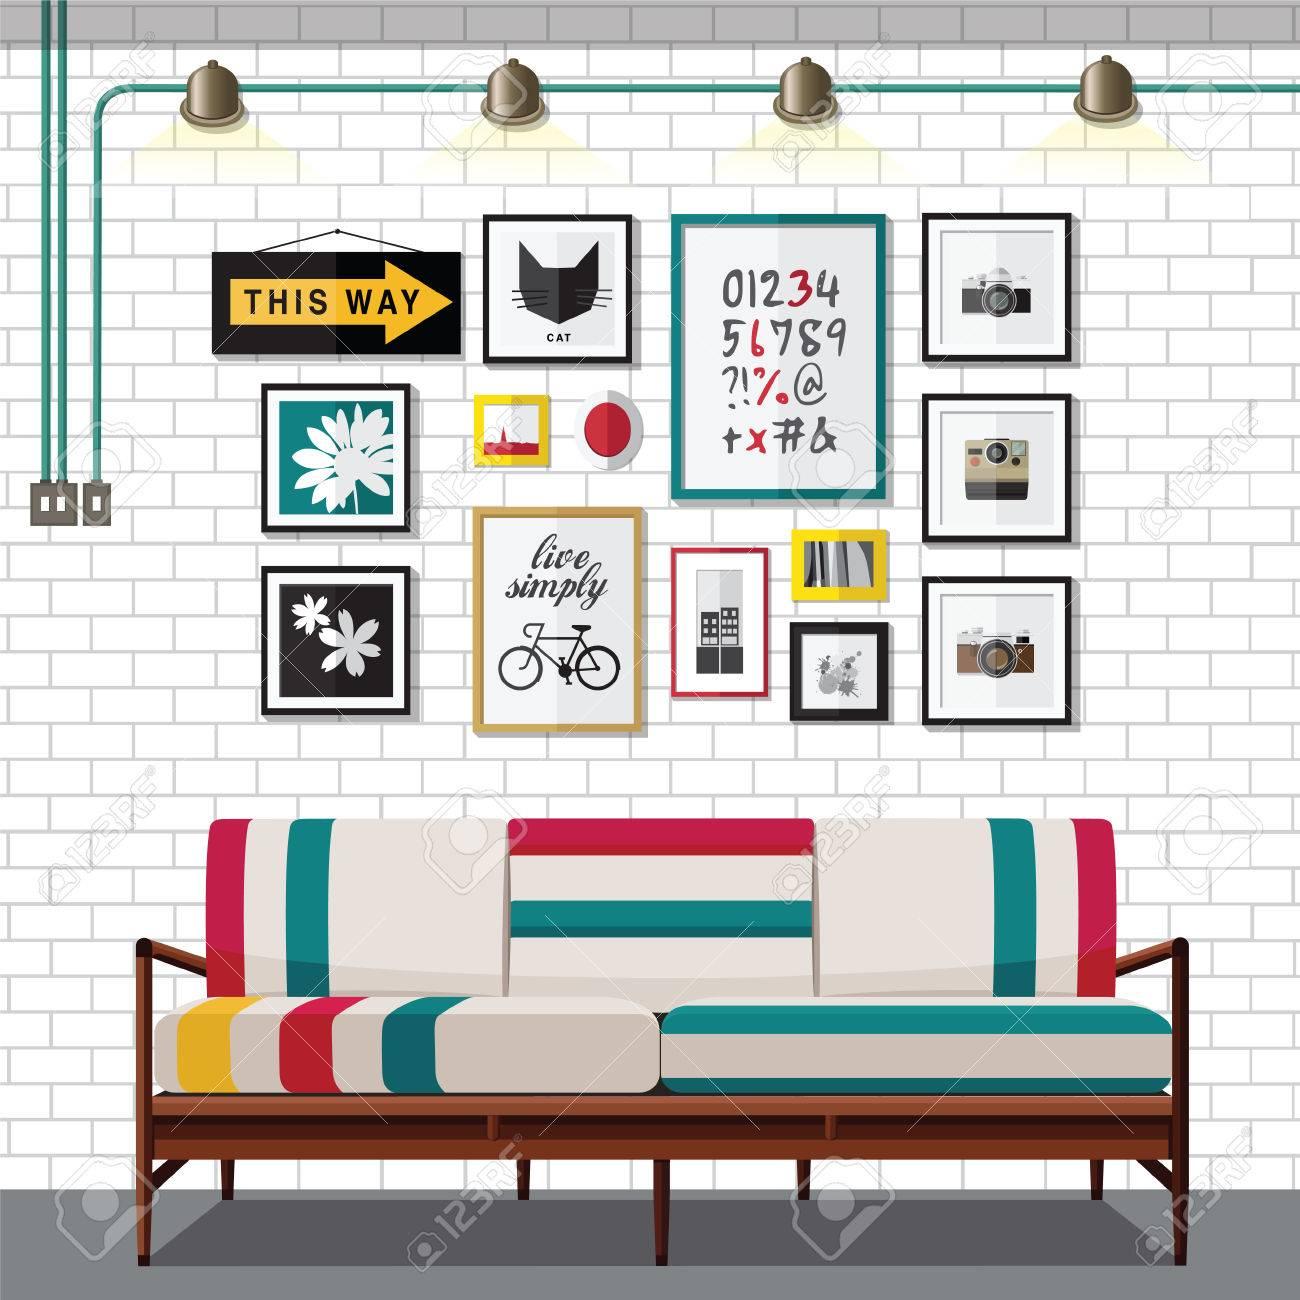 inter wohnzimmer mit sofa ein regal mit bucher und eine wohnung stil abbildung standard